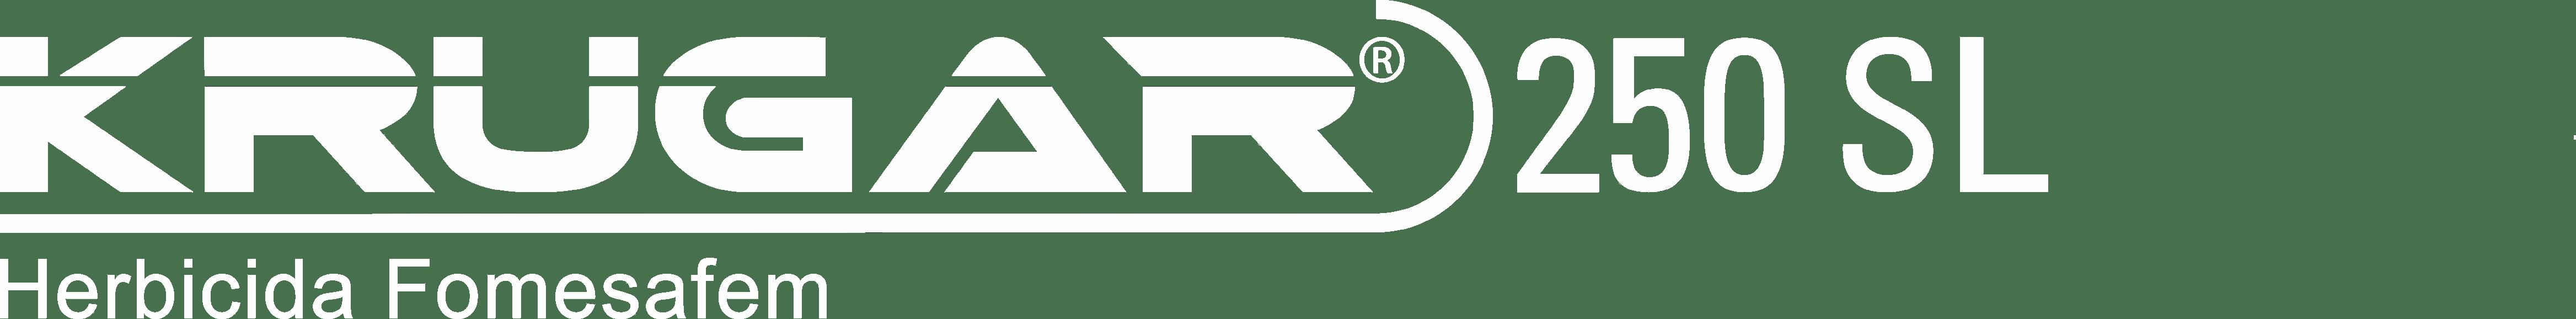 RTM_Brazil_ProductLogo_White_KRUGAR